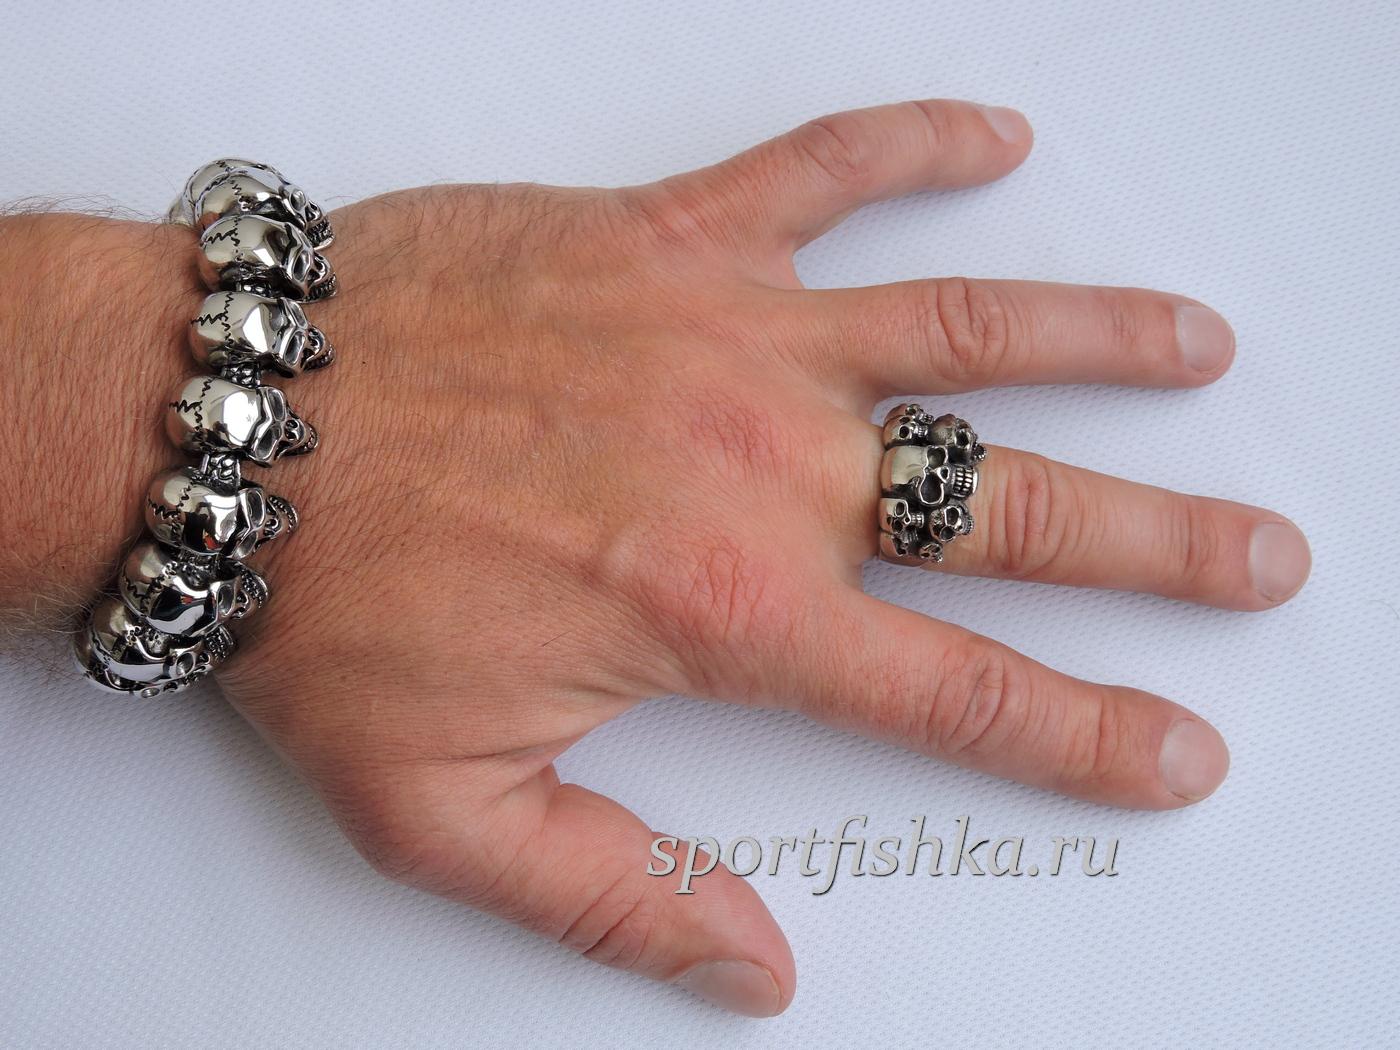 Кольцо с черепами из стали браслет